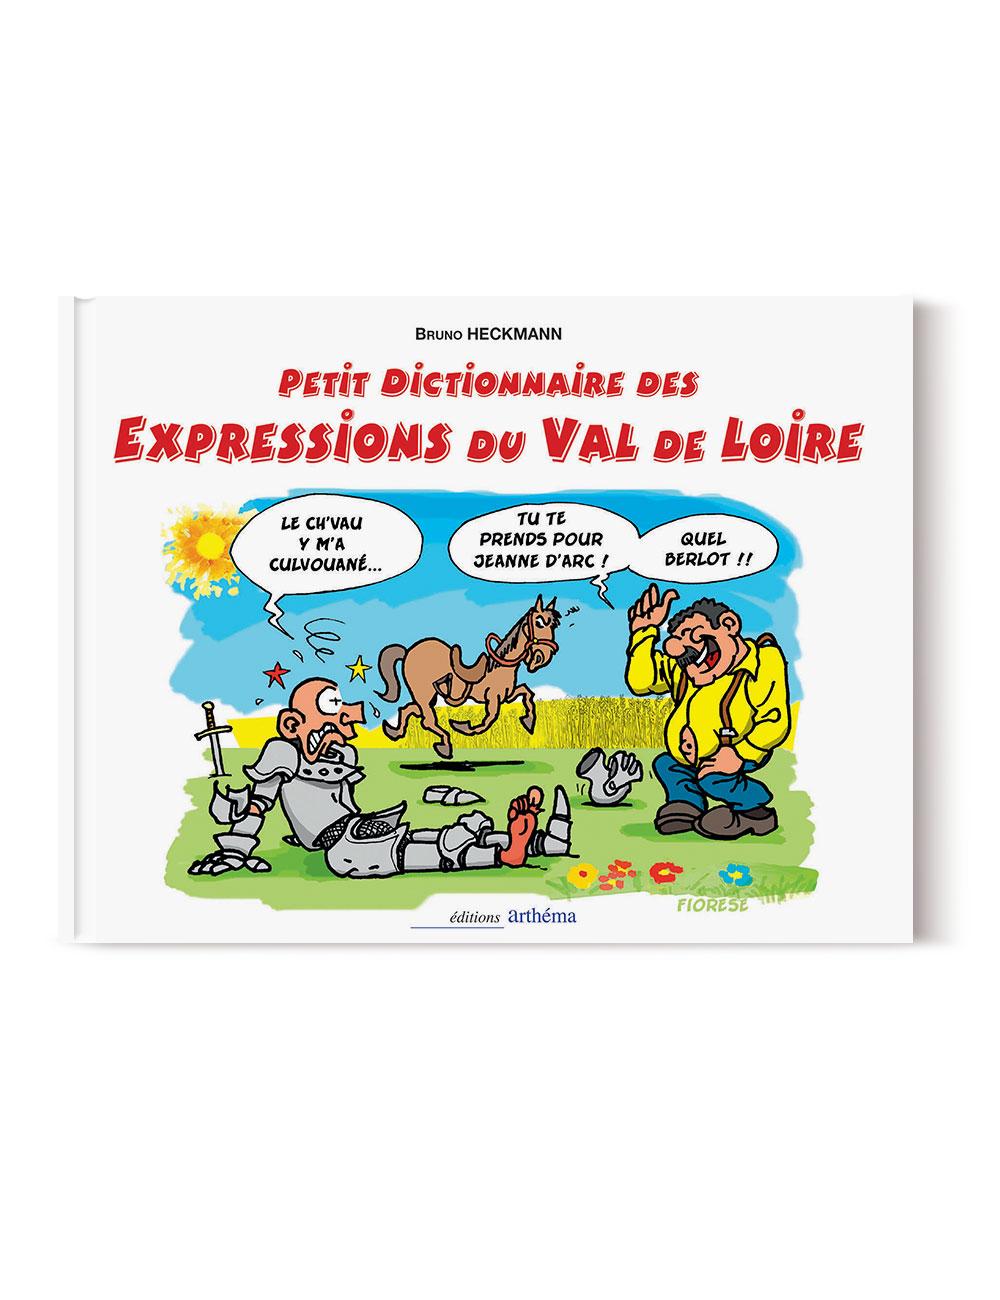 Dictionnaire des Expressions du Val de Loire – Livre expression région